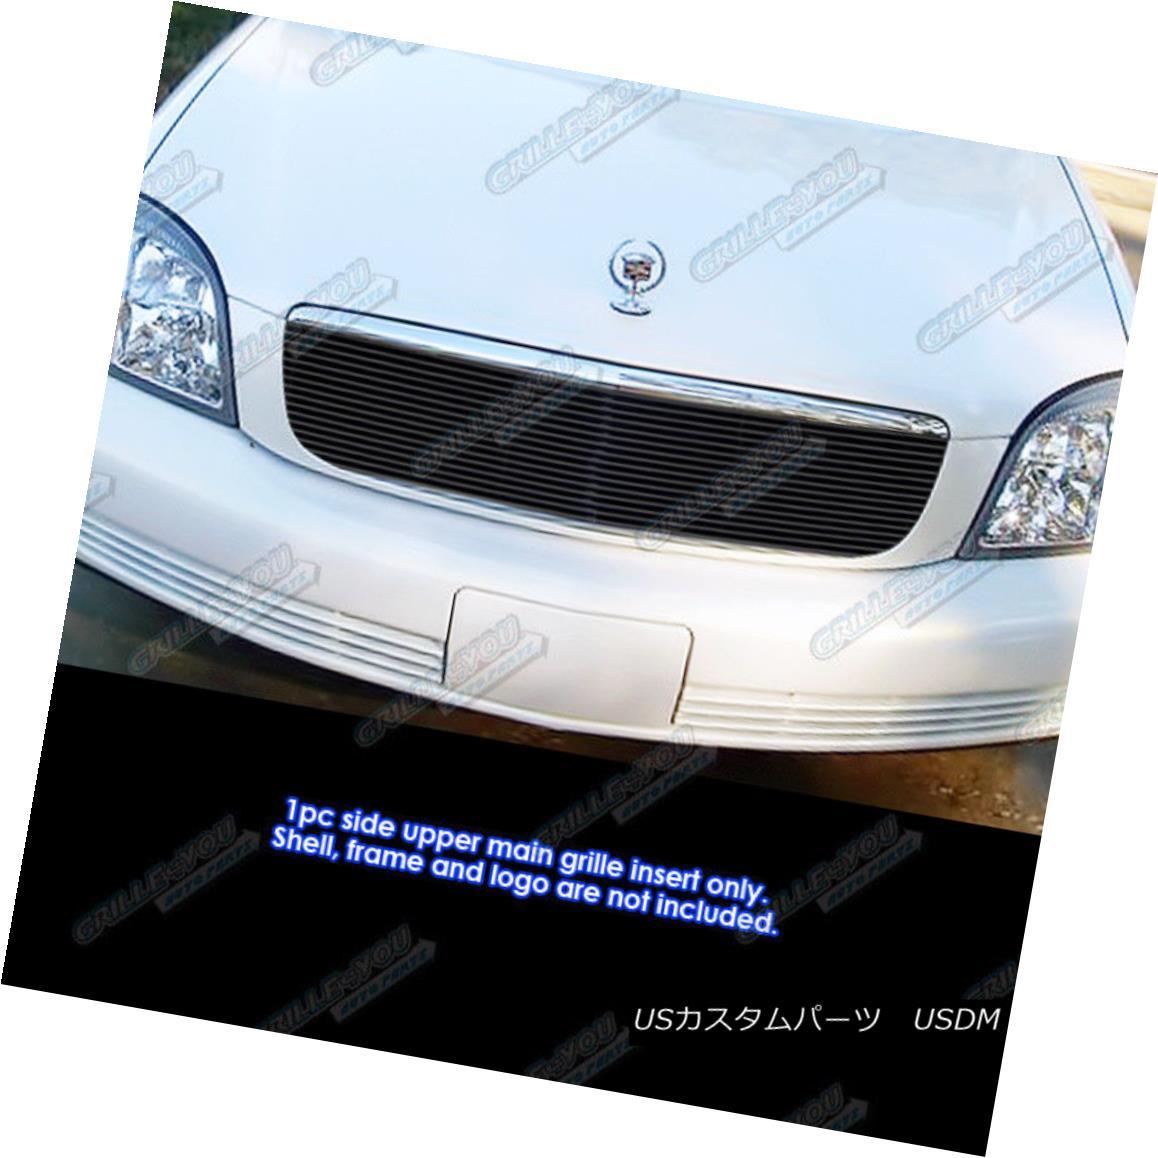 グリル Fits 2000-2005 Cadillac DeVille Black Main Upper Billet Grille Insert 2000-2005 Cadillac DeVille Blackメインアッパービレットグリルインサート